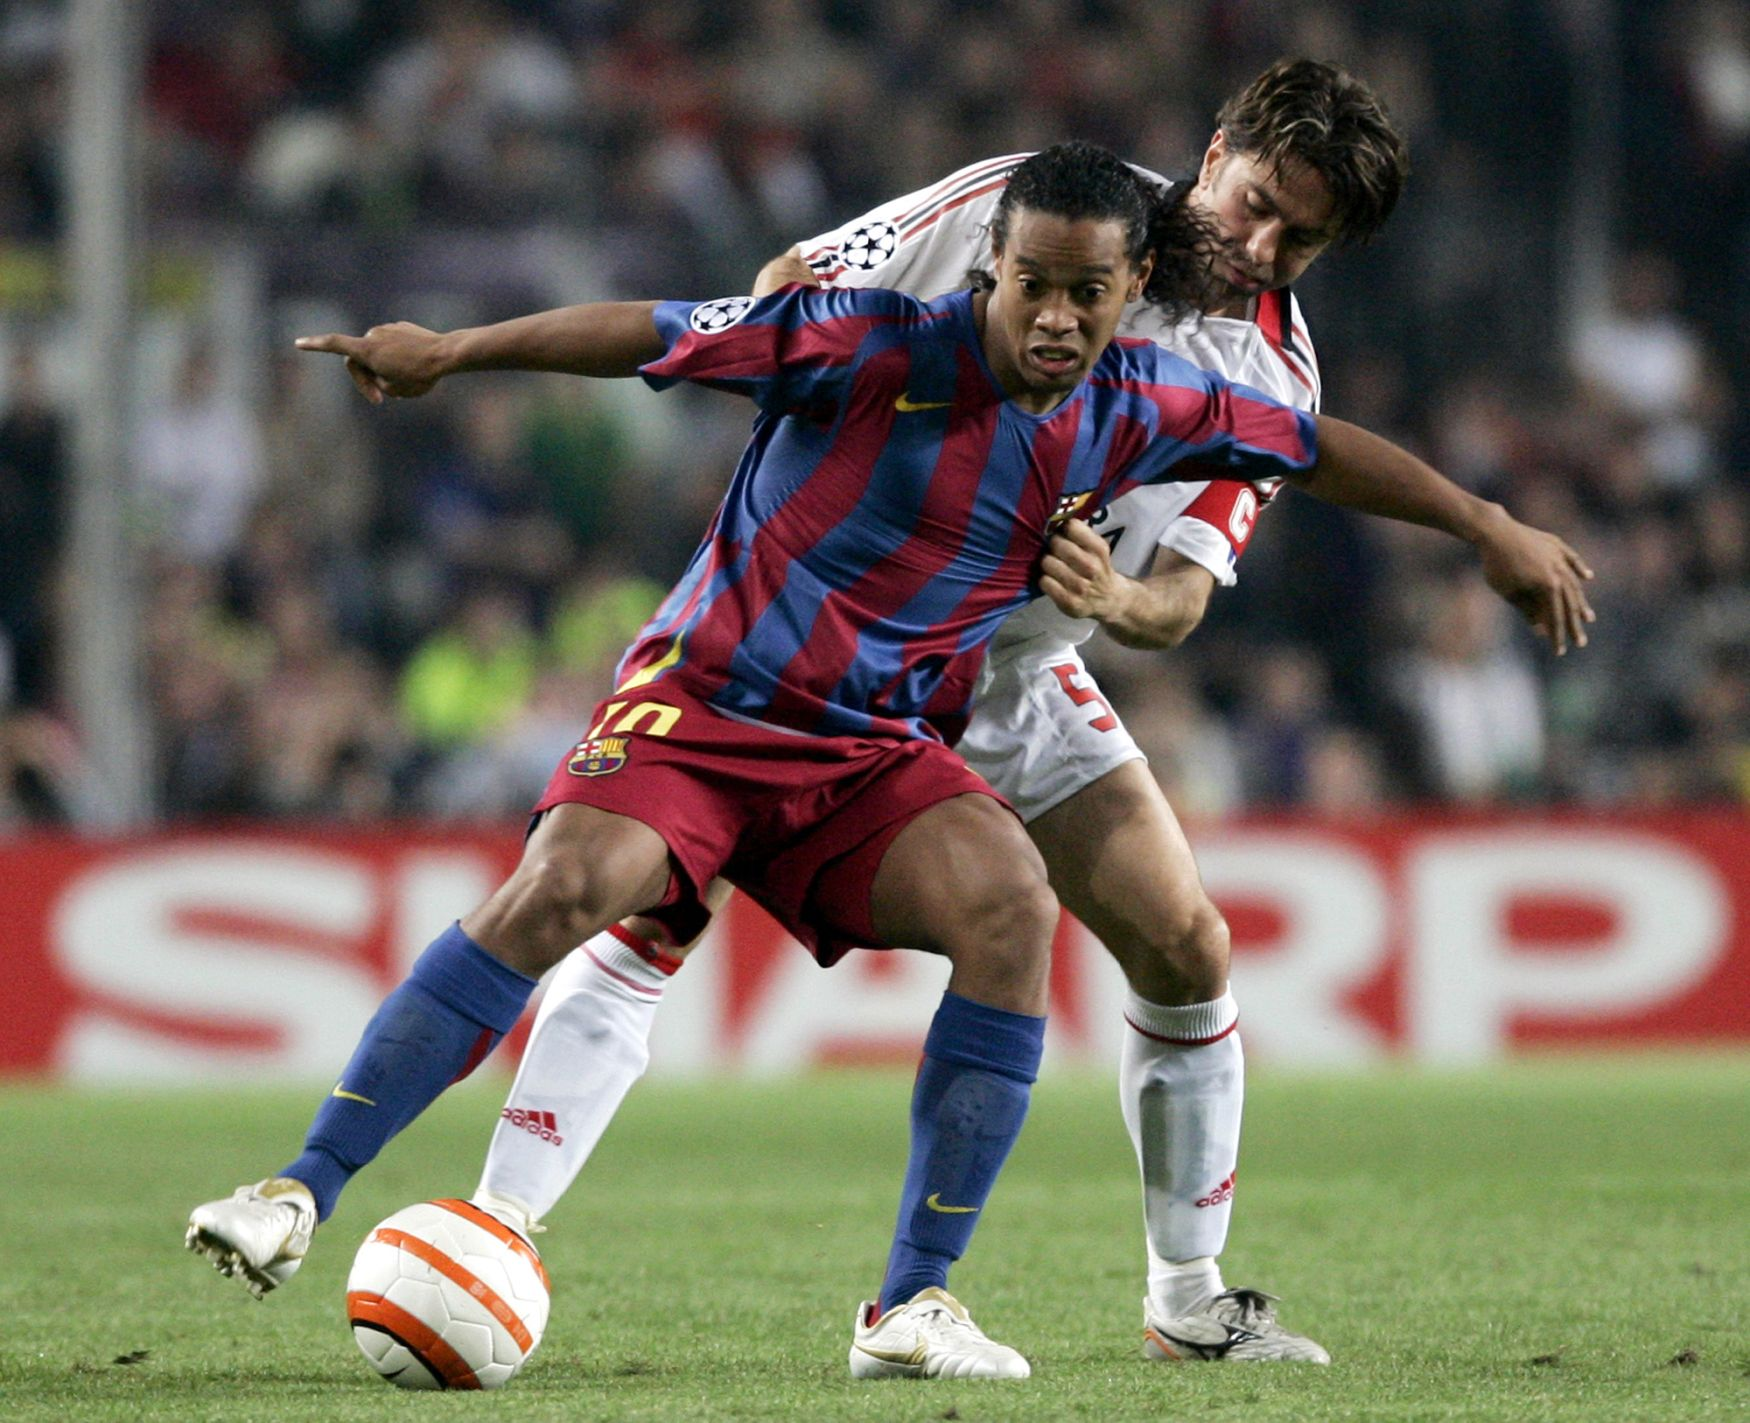 """Krátce předtím, než pomohl v roce 2002 Brazílii zásadním způsobem k titulu mistrů světa, se mohl Ronaldinho, pořád pouze třiadvacetiletý, stát hráčem Manchesteru United. Zubatý génius z Paris SG měl nahradit Davida Beckhama, který zamířil do Realu. """"Byl tam nějaký problém s Ronaldinhovým bratrem, který mu dělal agenta. A Peter Kenyon, tehdejší šéf exekutivy, prostě nedokončil svou práci,"""" zlobil se i po letech Ferguson na svého spolupracovníka, že Ronaldinho neskončil v jeho mužstvu."""